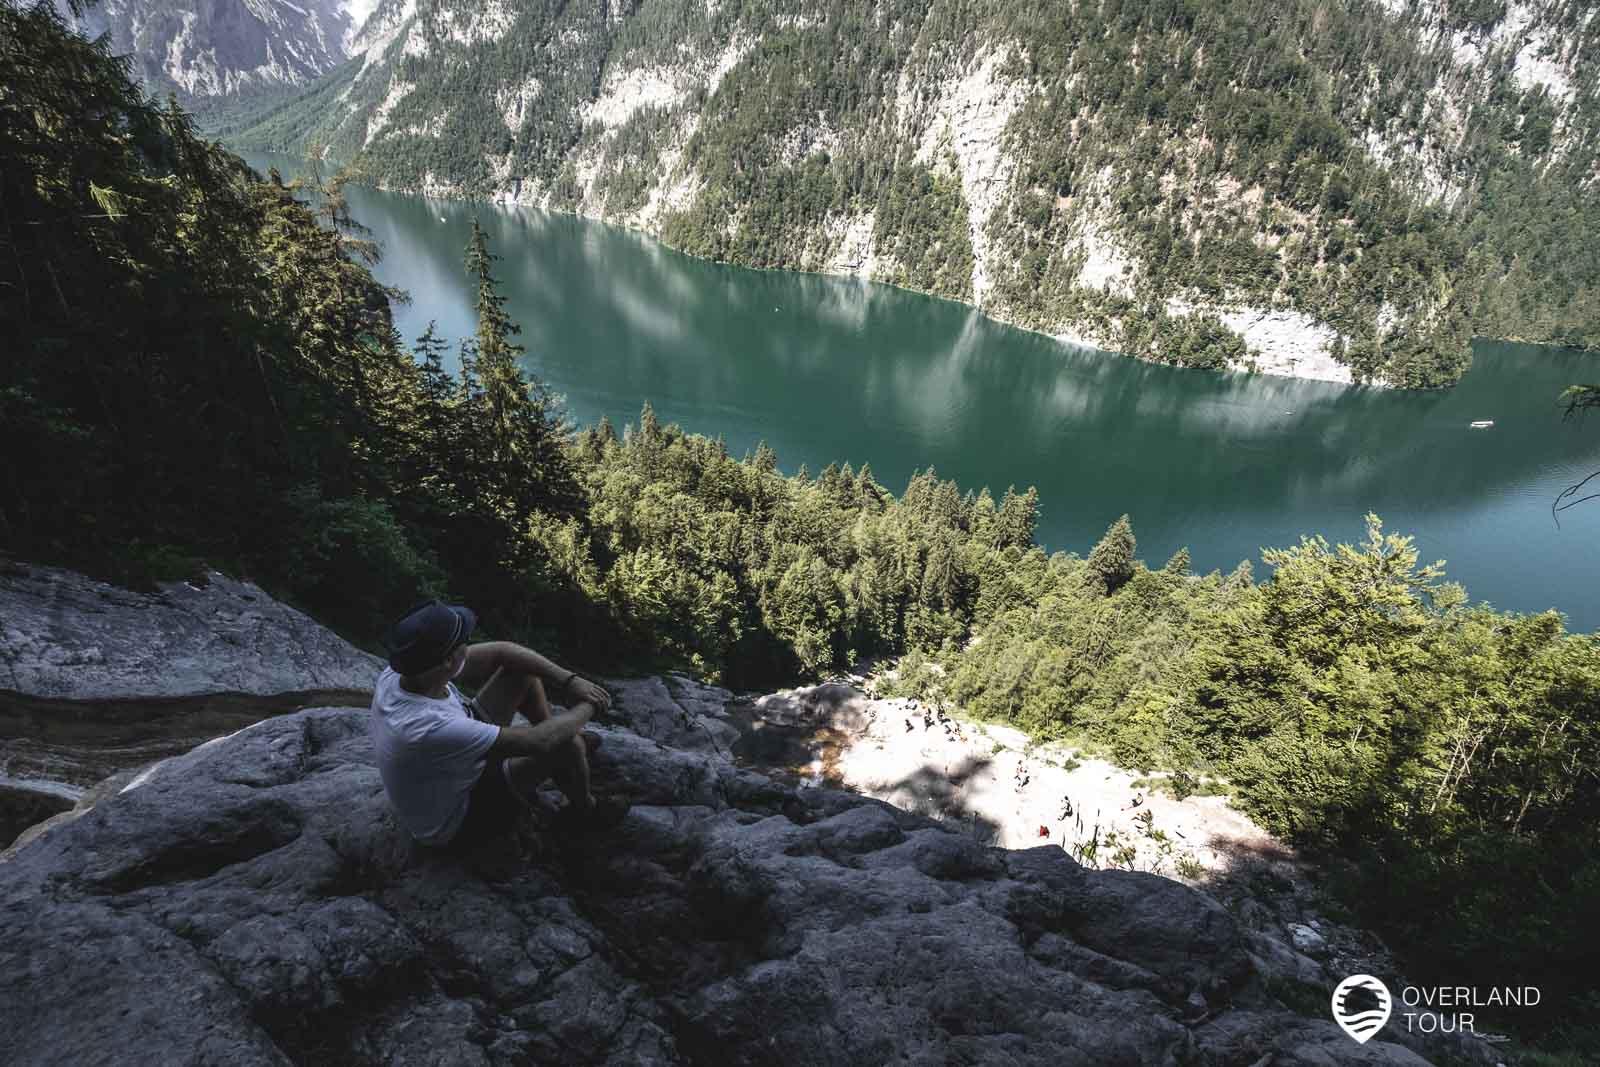 Wenn du falsch läufst, dann kommst du unterhal am Königsbach Wasserfall raus, aber die Aussicht ist auch klasse